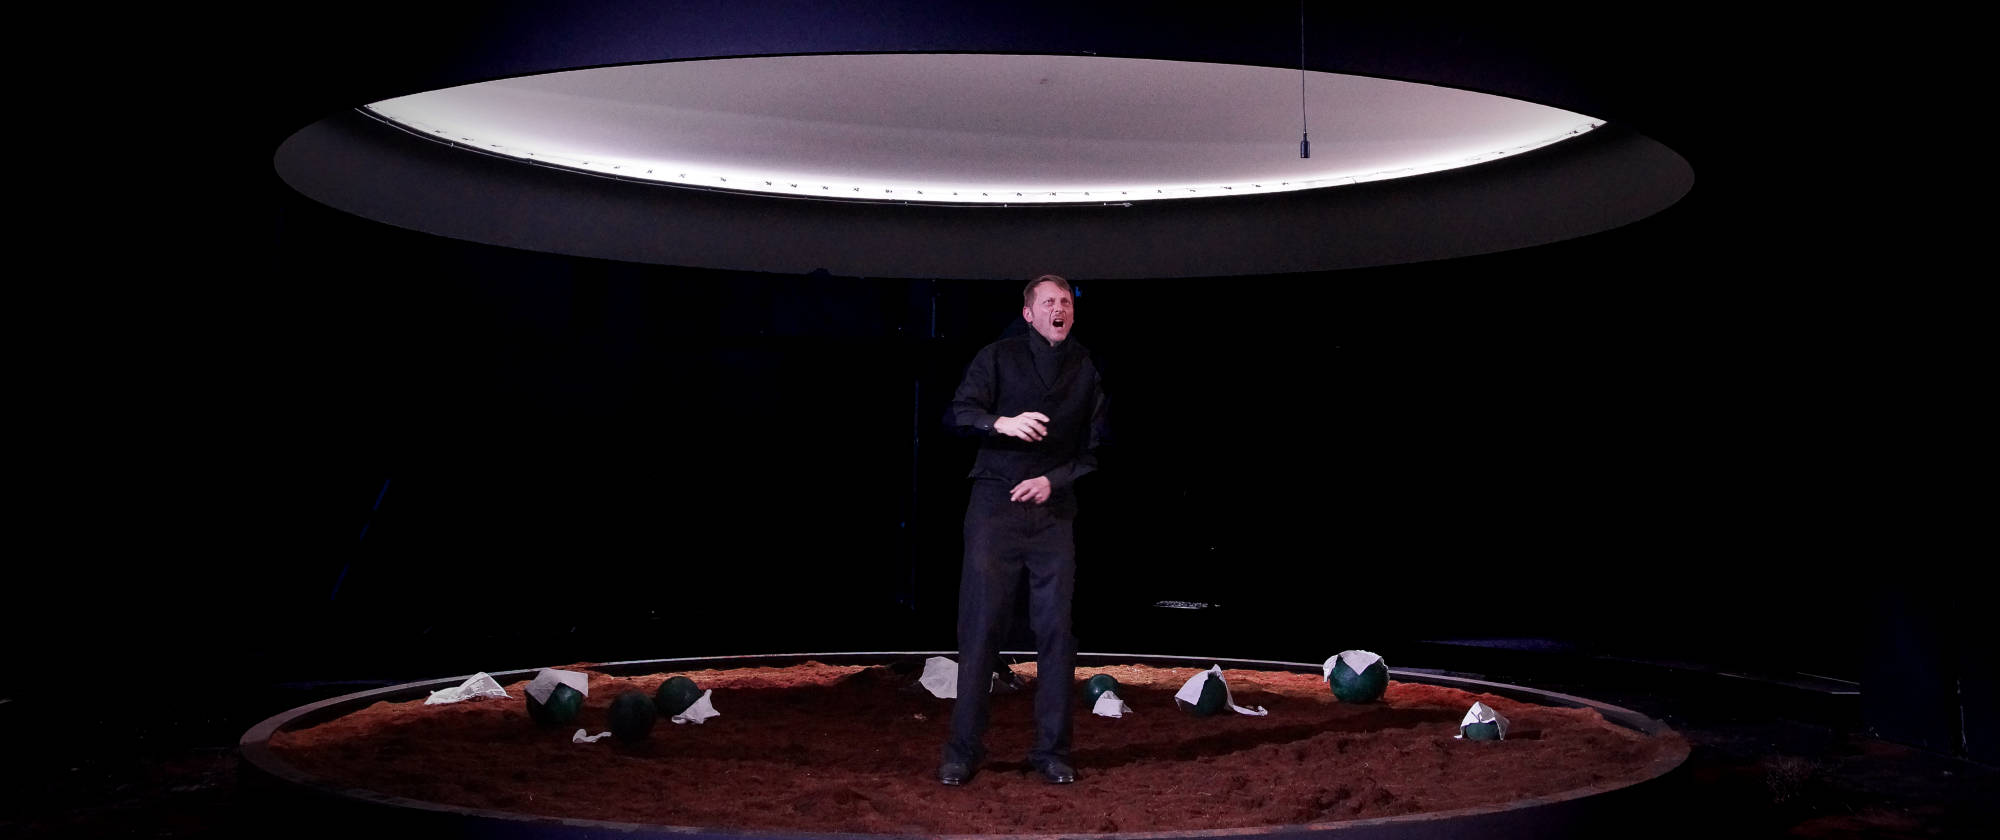 001-DIE-ELENDEN-nach-Victor-Hugo-Les-Miserables-von-Malte-Kreutzfeldt-Regie-c-photo-Olaf-Struck-Theater-Schauspielhaus-Kiel-2019